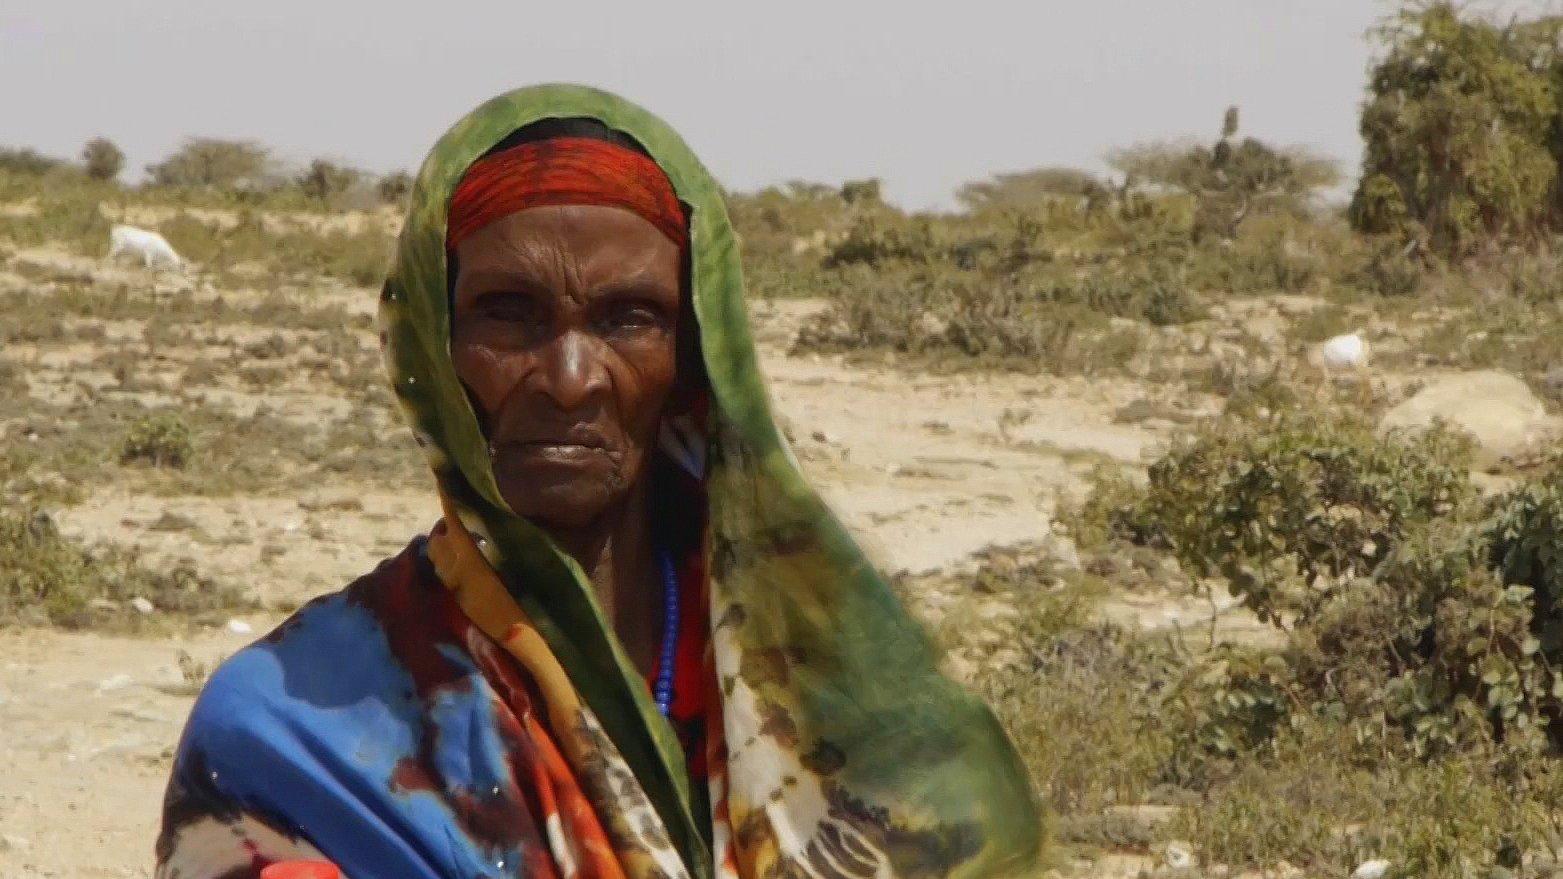 Mein Somalia – Zwischen Krieg und Armut